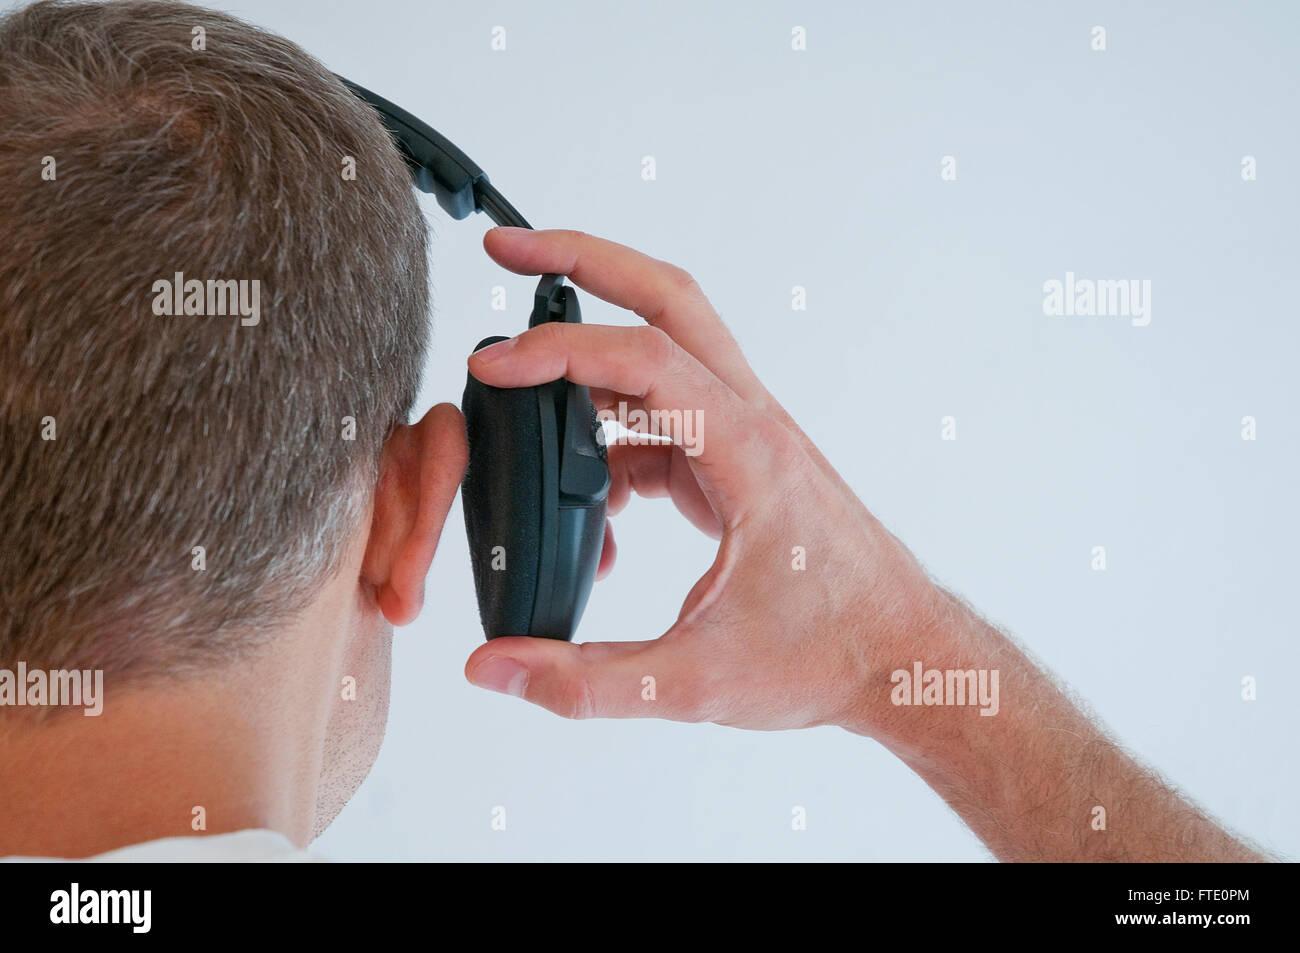 El hombre toma su auricular apagado. Cerrar vista. Imagen De Stock